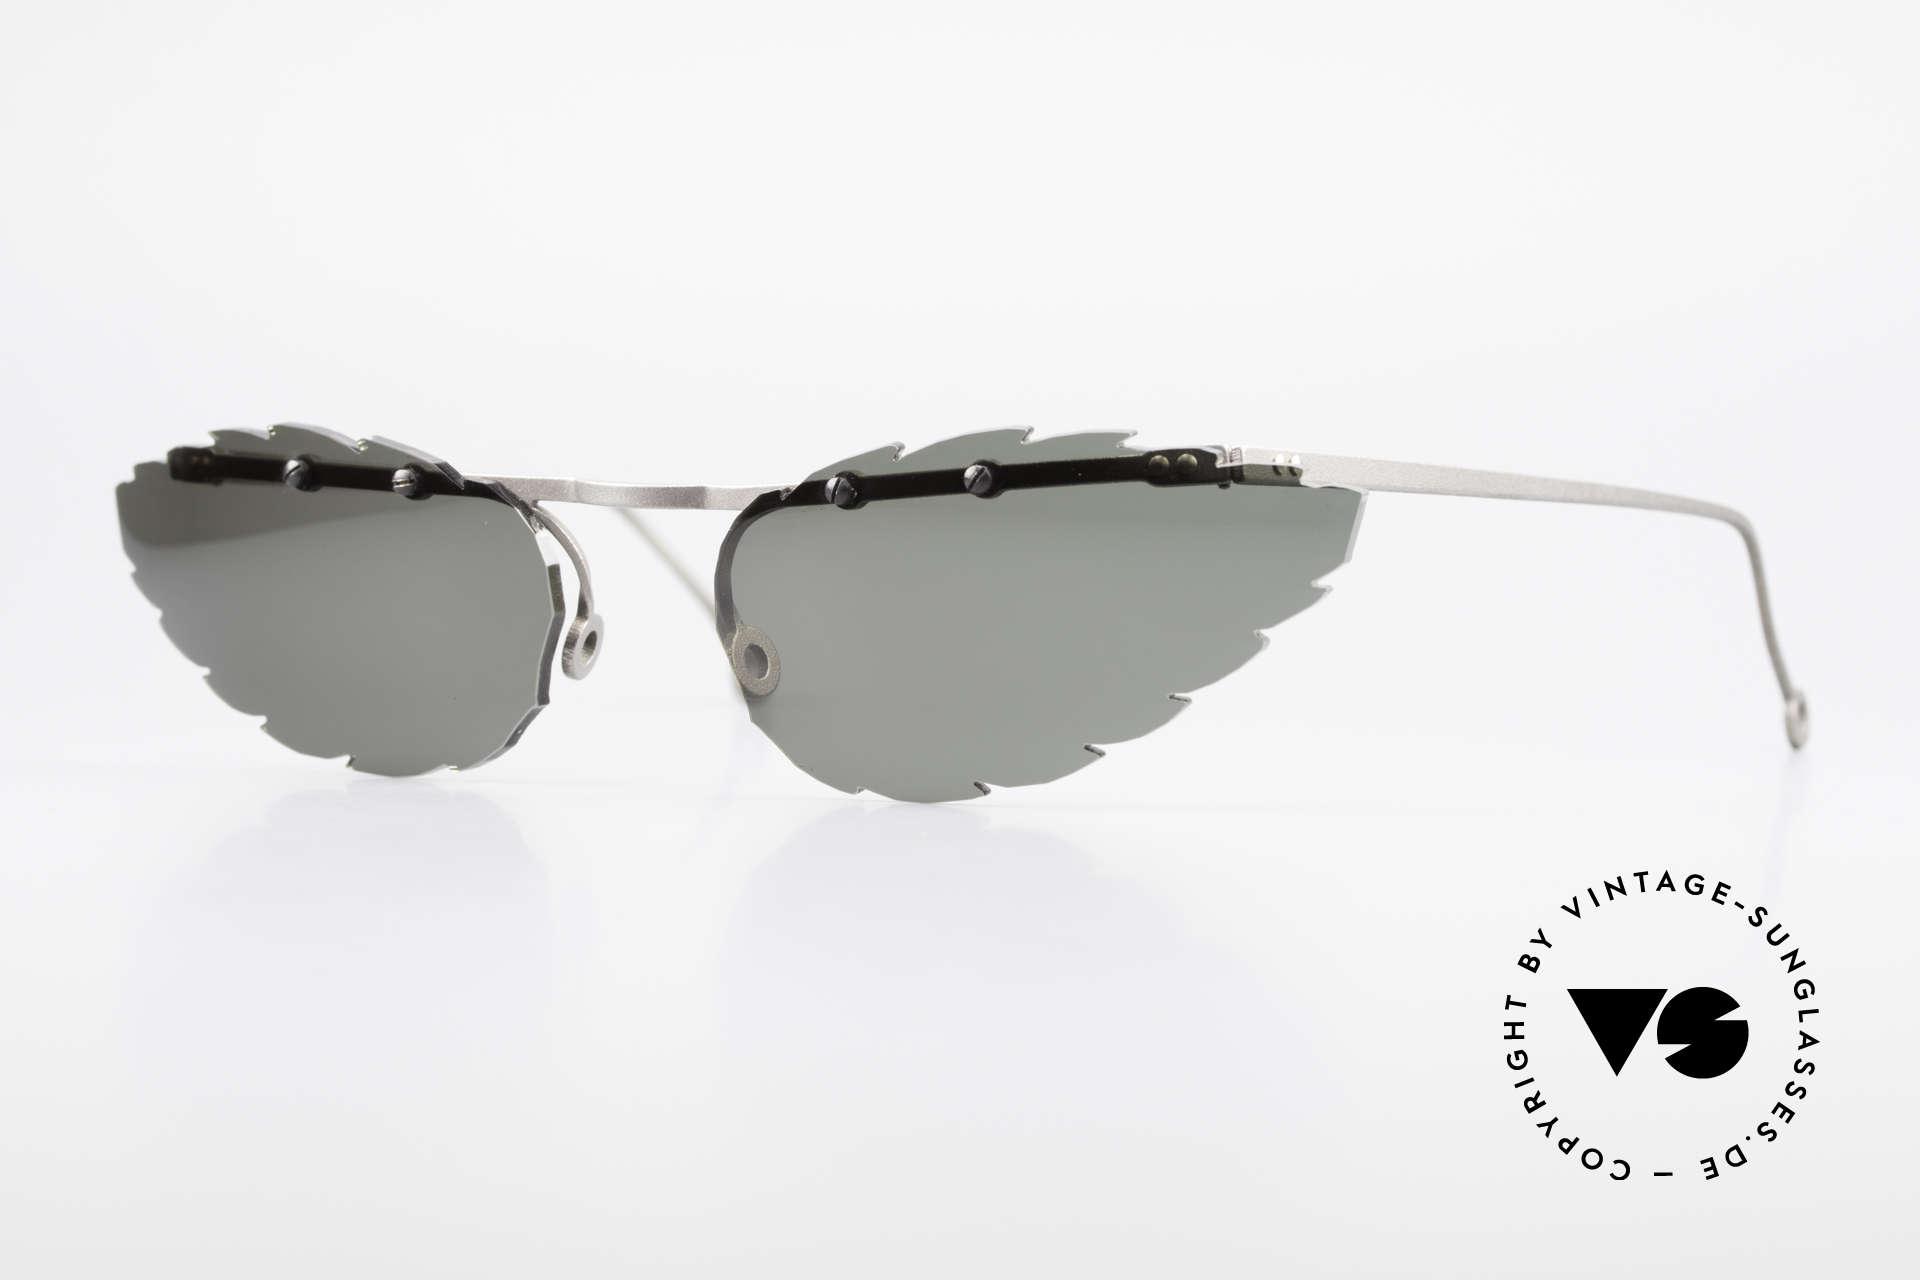 Theo Belgium Asis Sonnengläser wie ein Blatt, Theo Belgium: die eigenwilligste Brillenmarke, weltweit, Passend für Herren und Damen